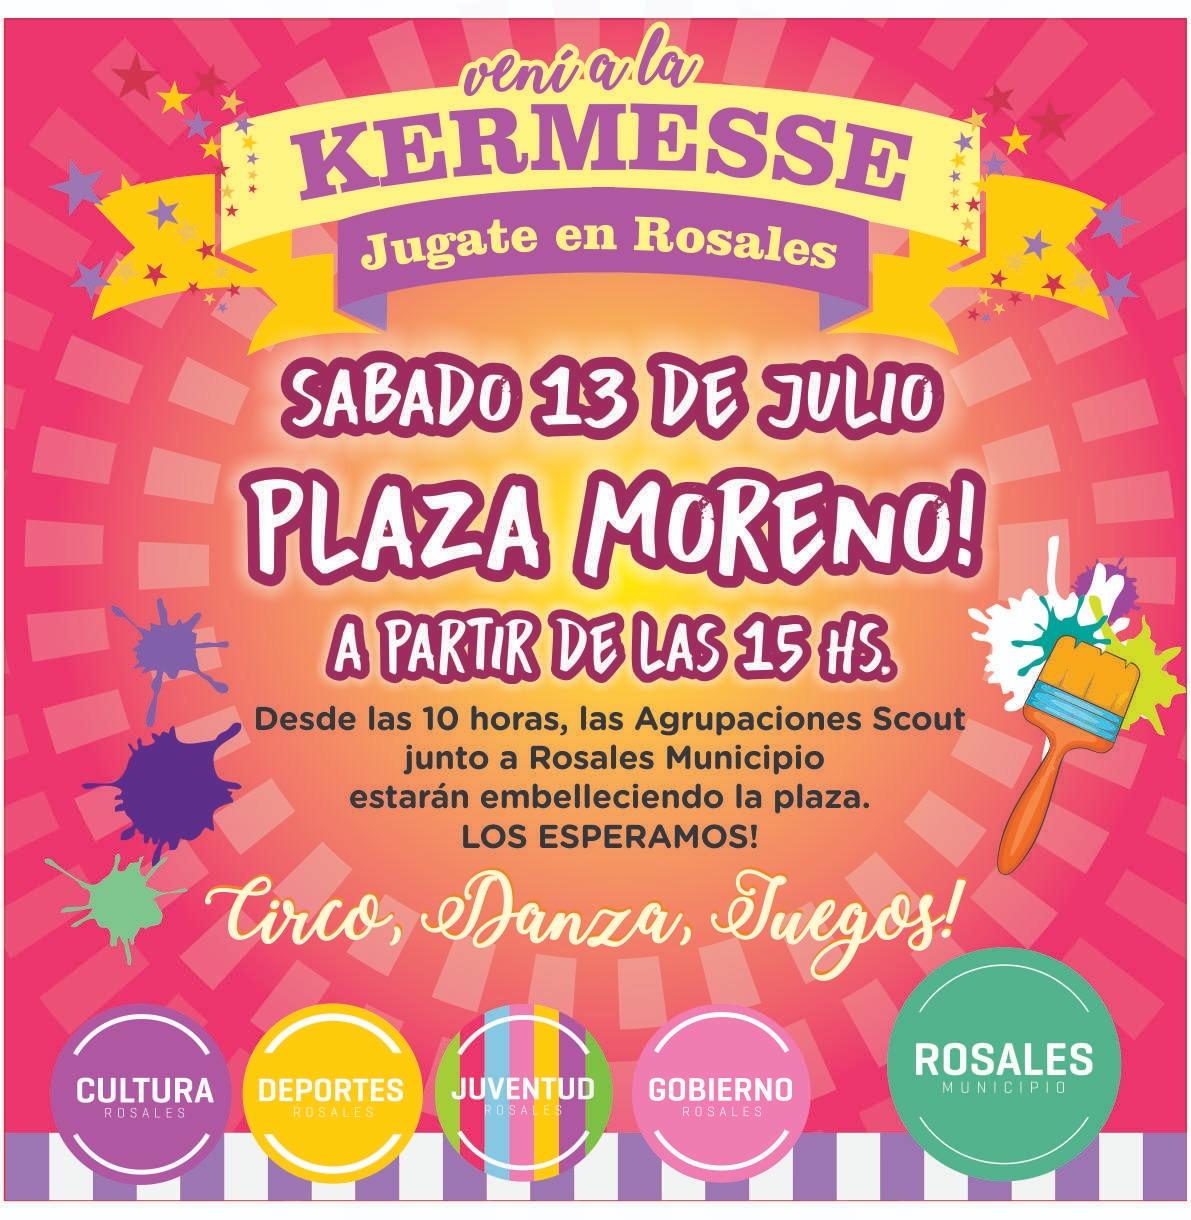 Se embellecerá la Plaza Moreno y estará la Kermesse del Municipio